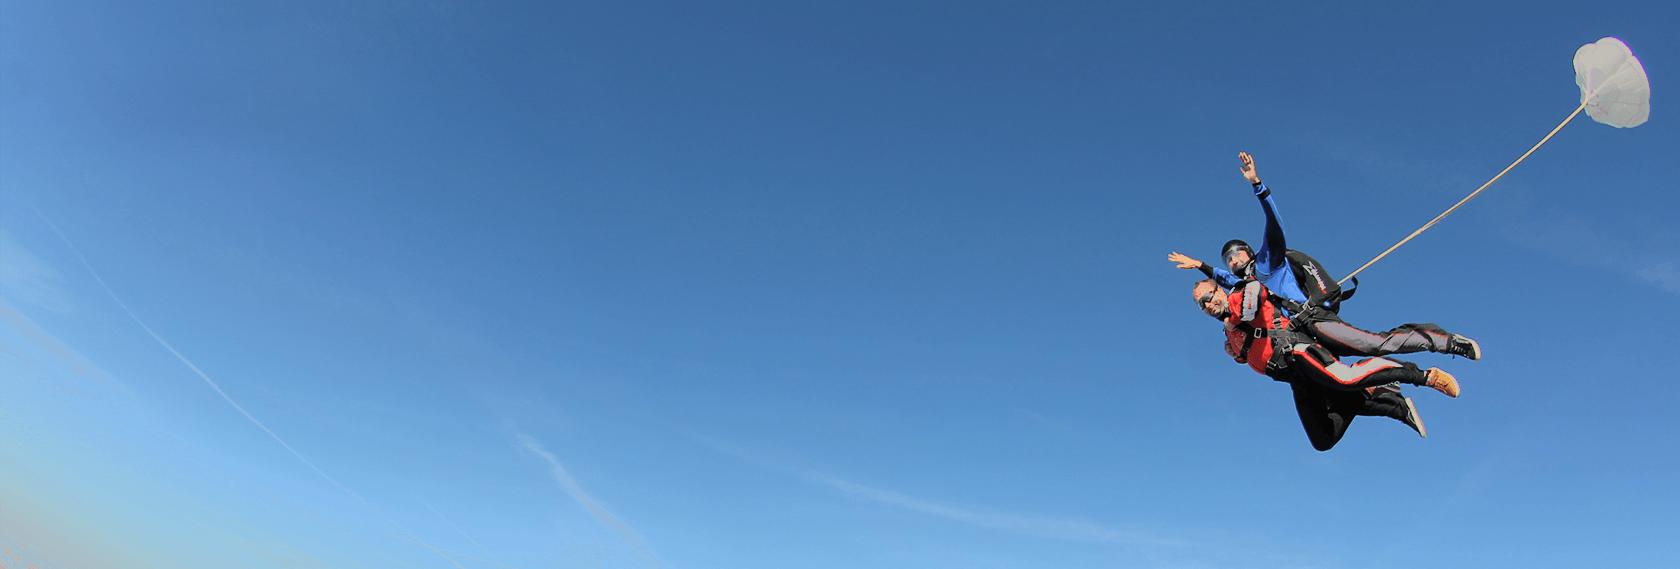 Jak wygląda skok?